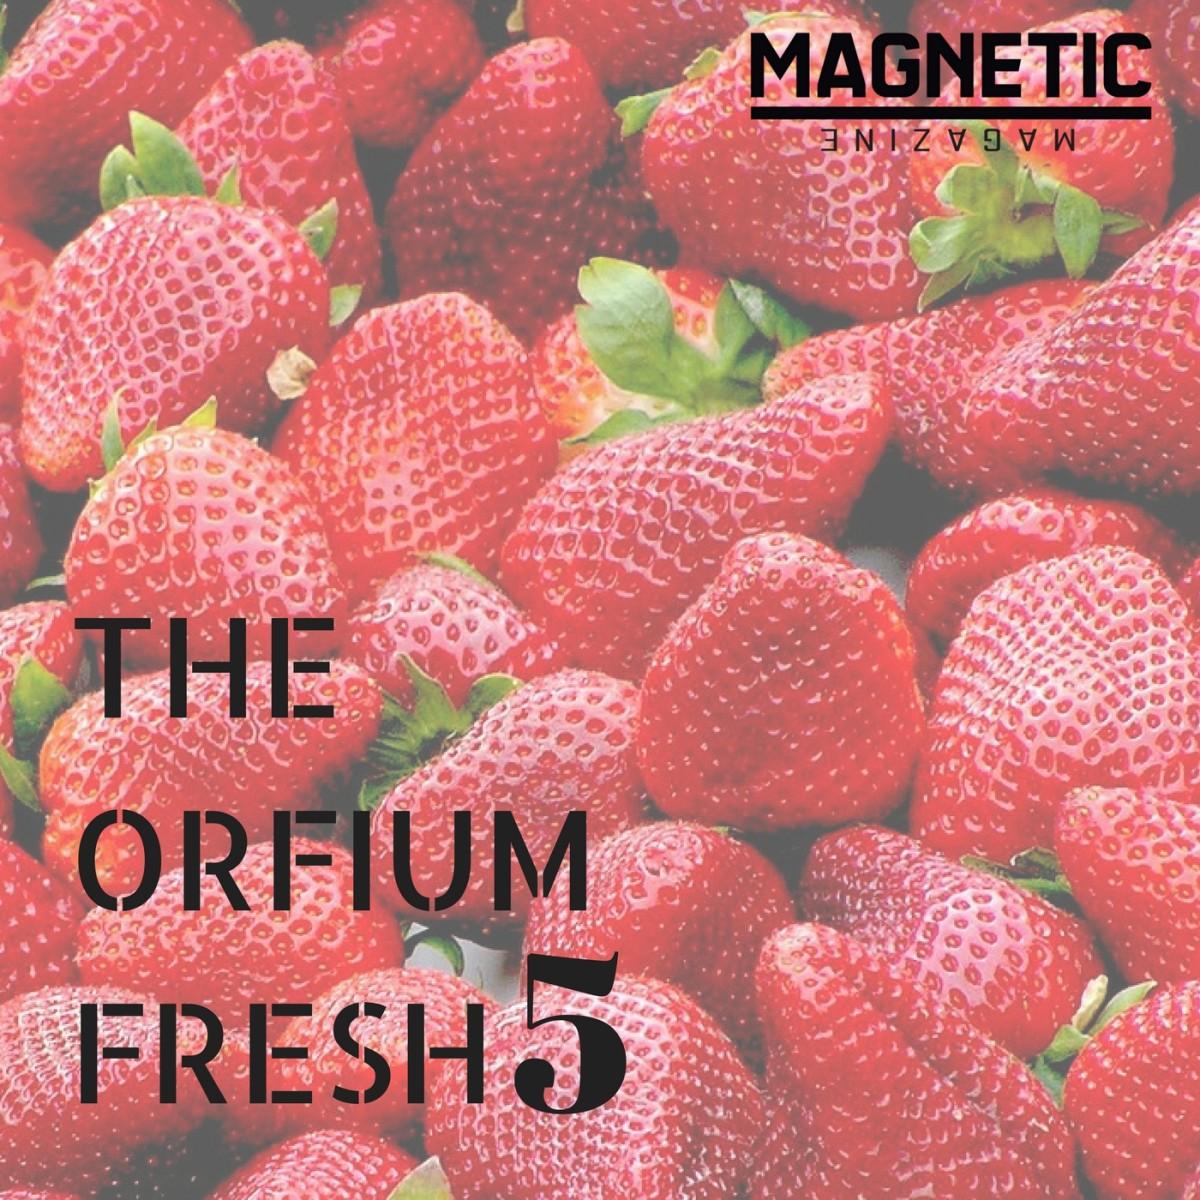 Orfium.com